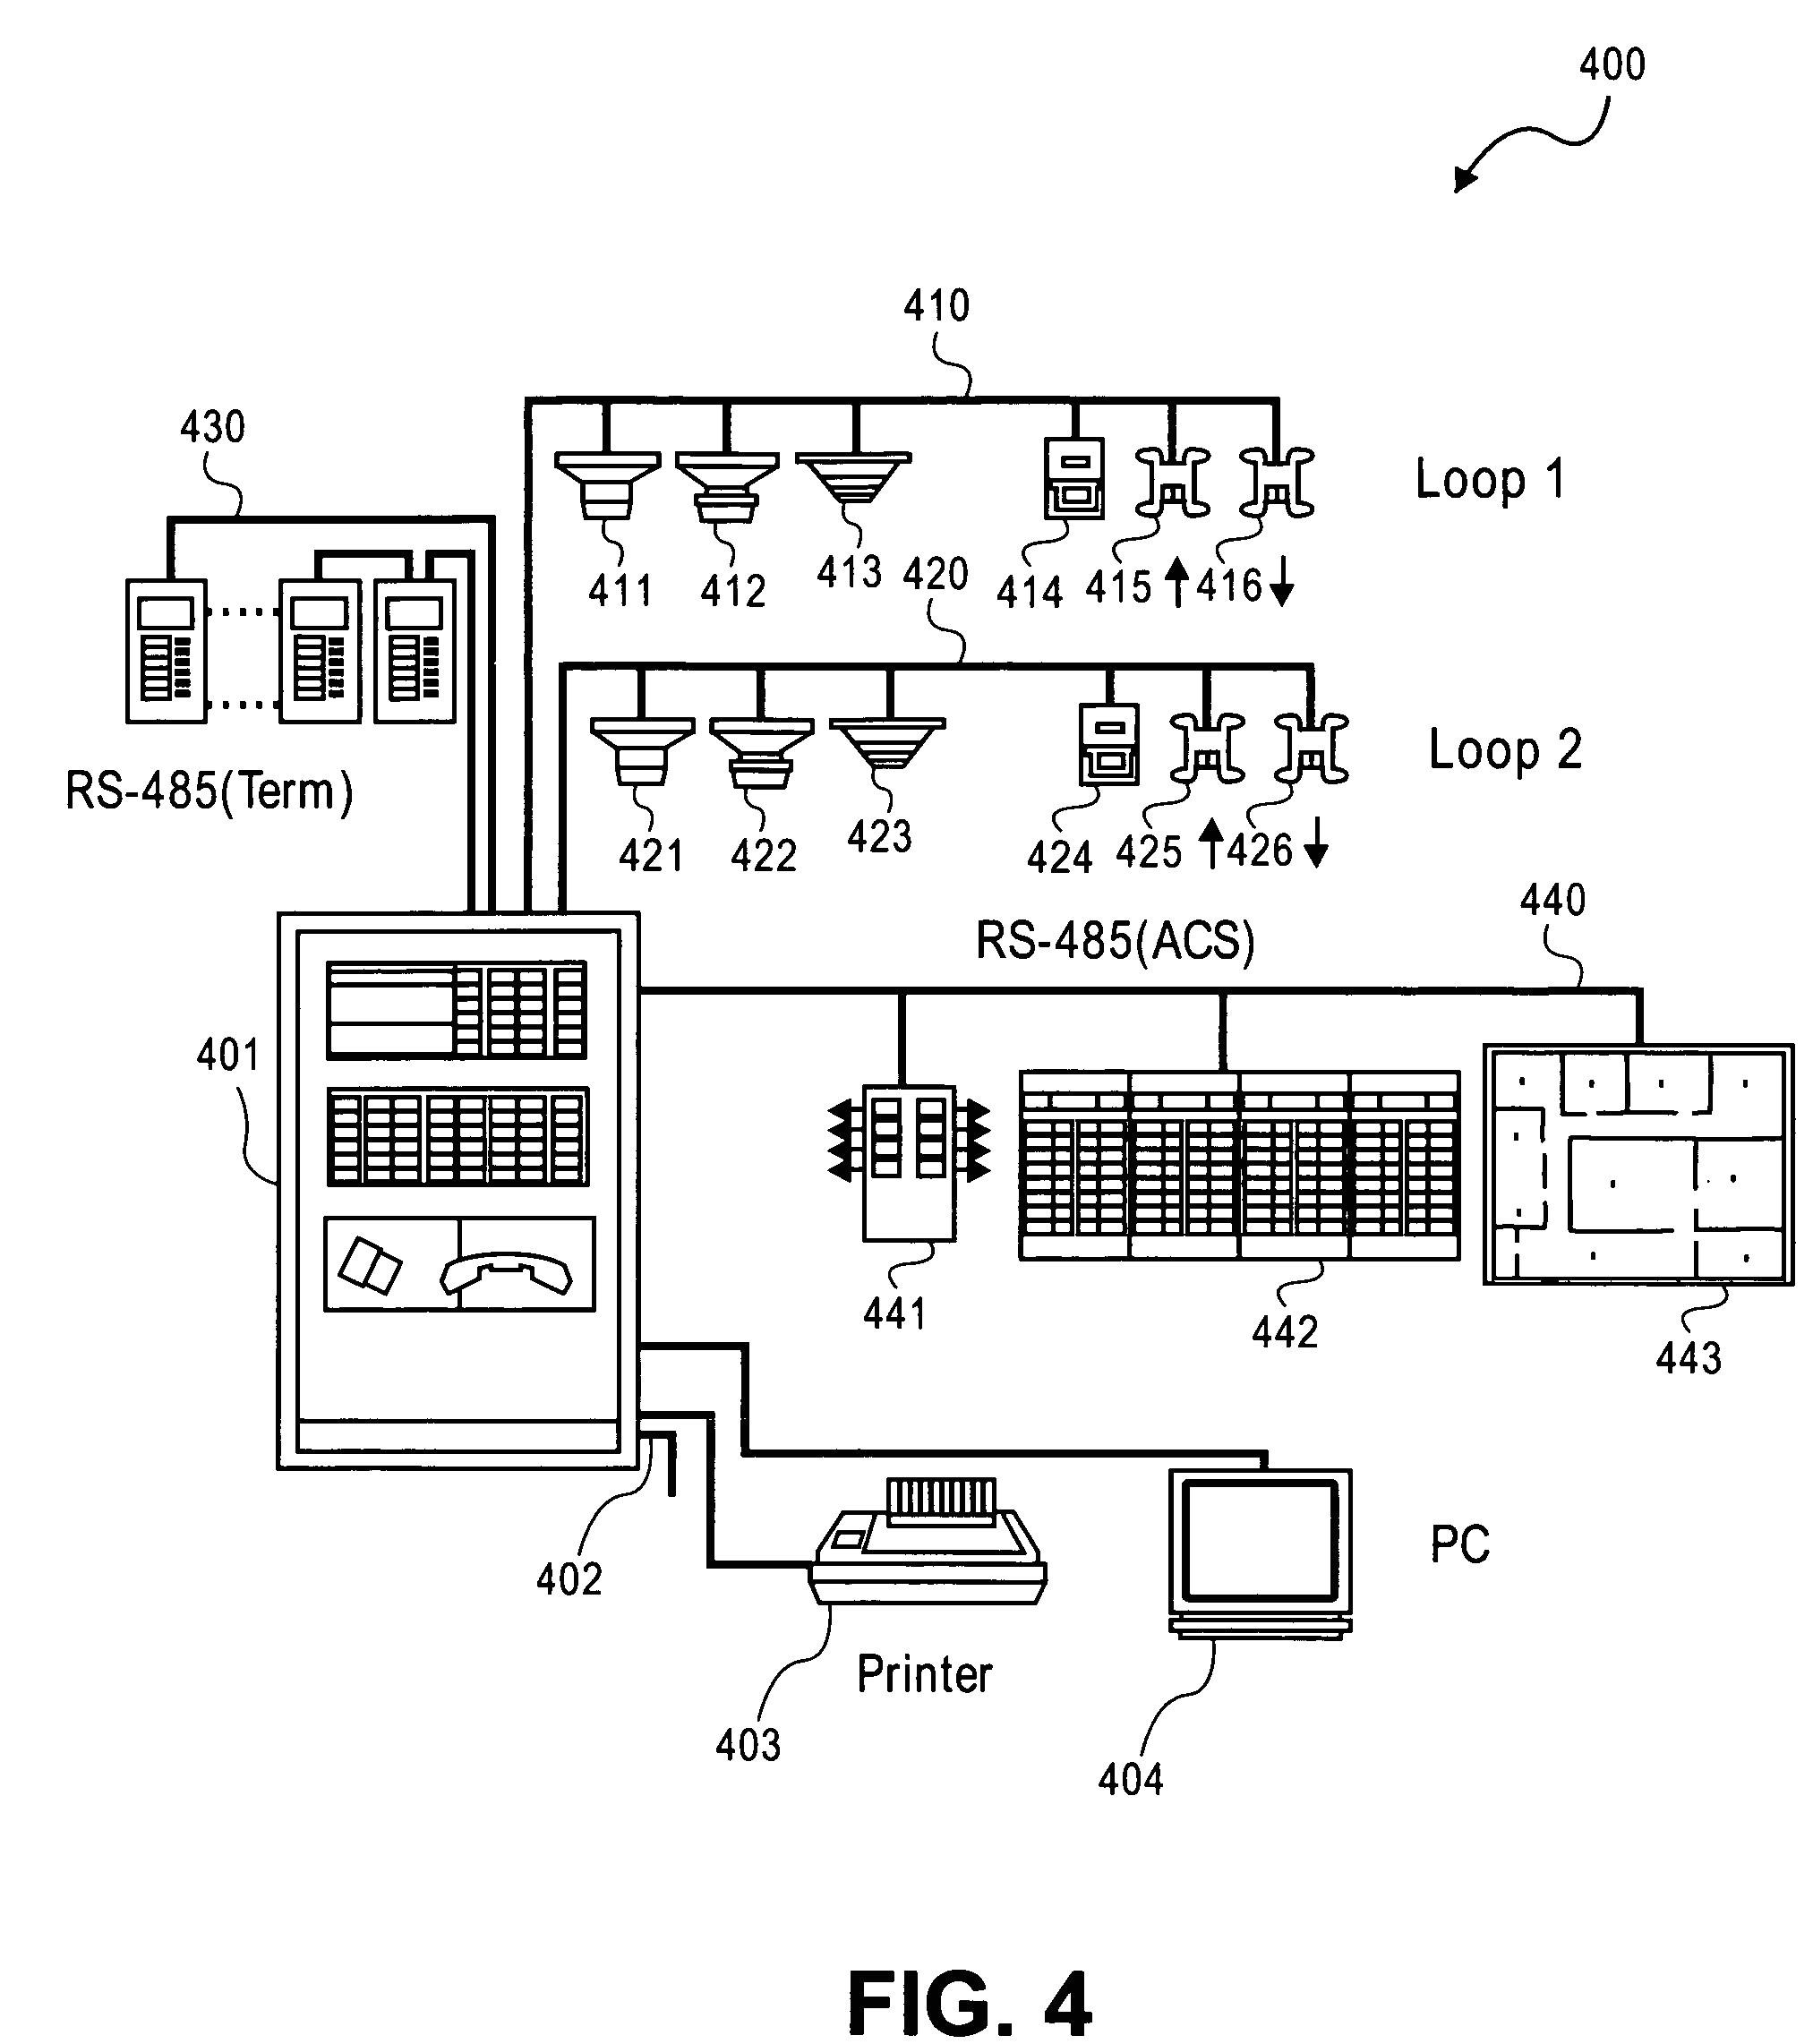 rubbermaid wiring diagrams wiring diagram paperrubbermaid wiring diagrams wiring diagrams lol rubbermaid wiring diagrams